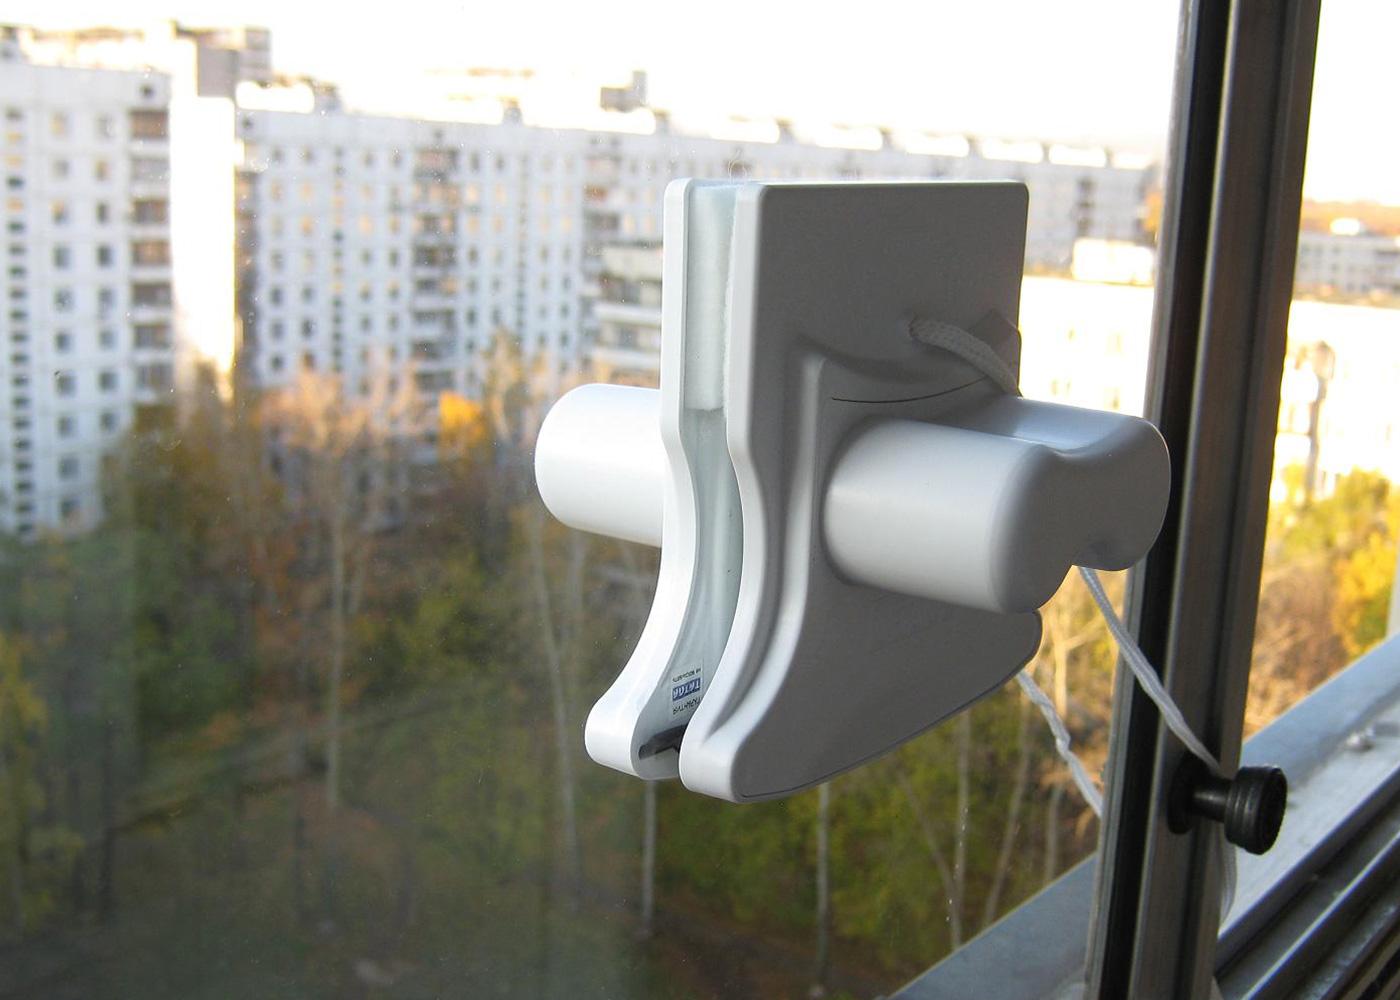 магнитная щётка для мытья окон - новое и интересное приспособление